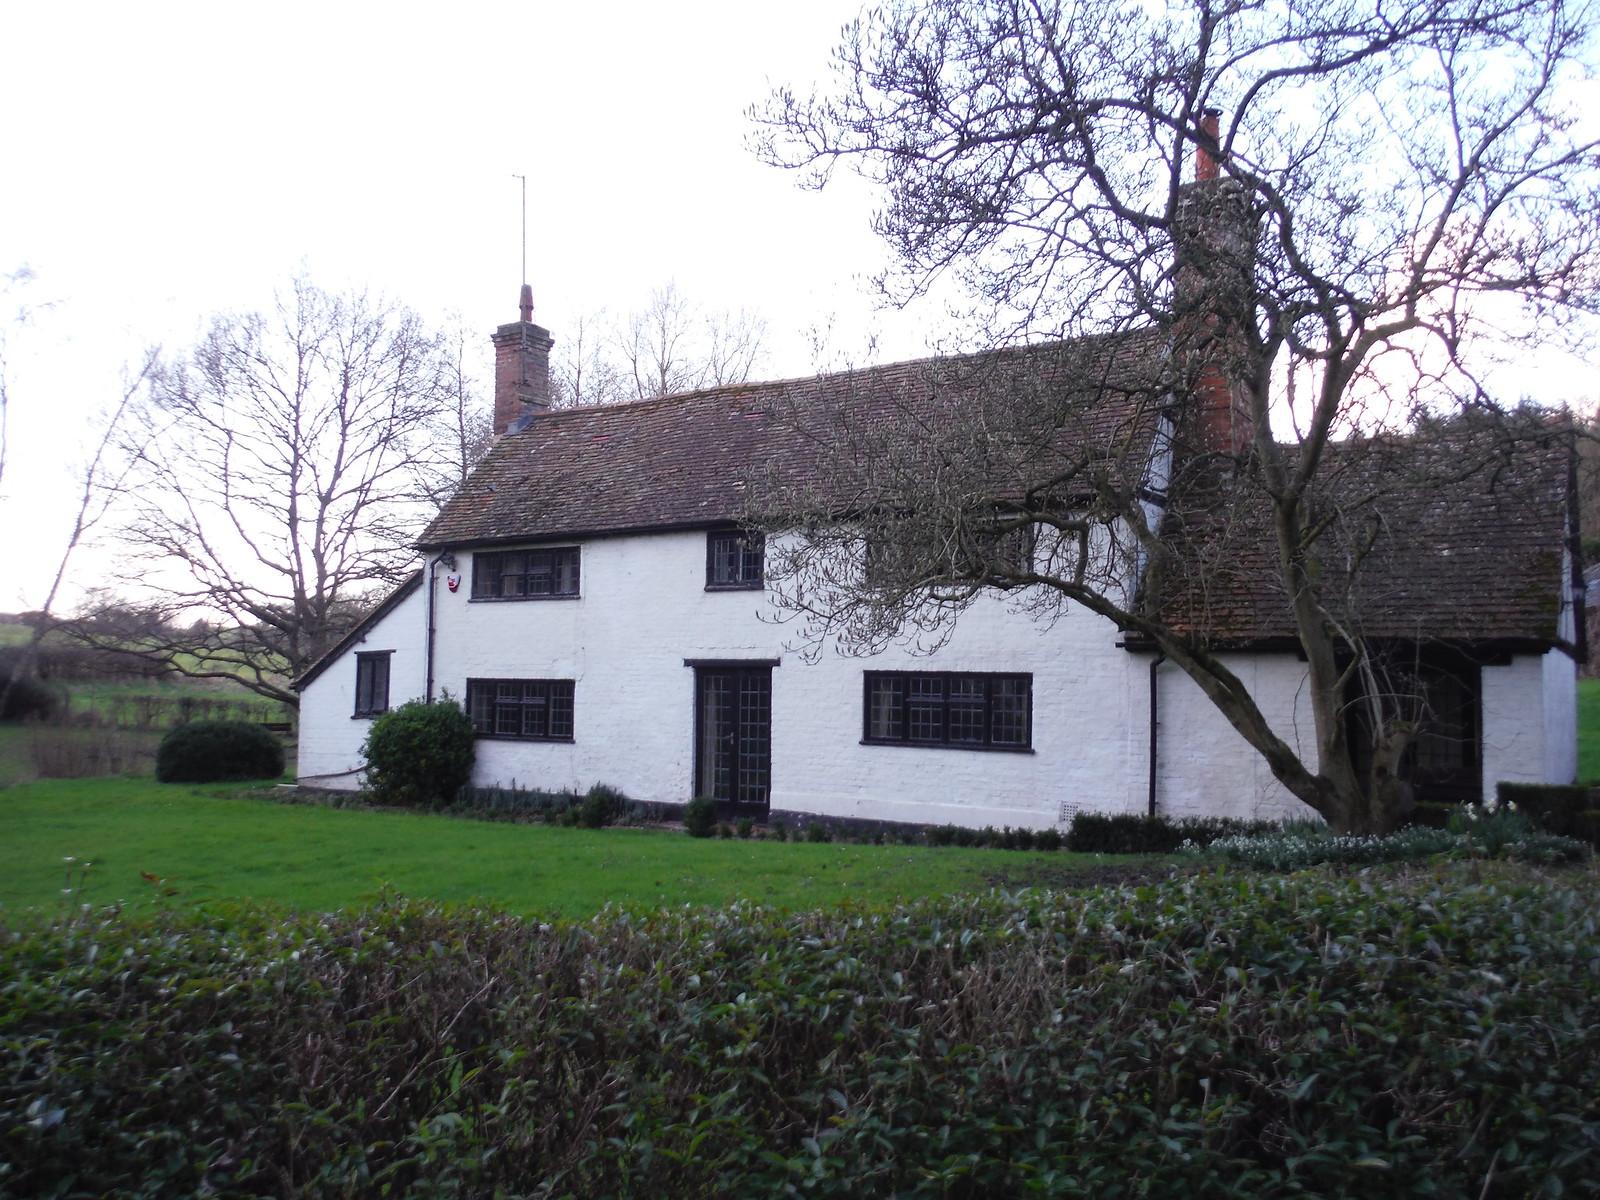 House in Midgham SWC Walk 117 Aldermaston to Woolhampton (via Stanford Dingley)